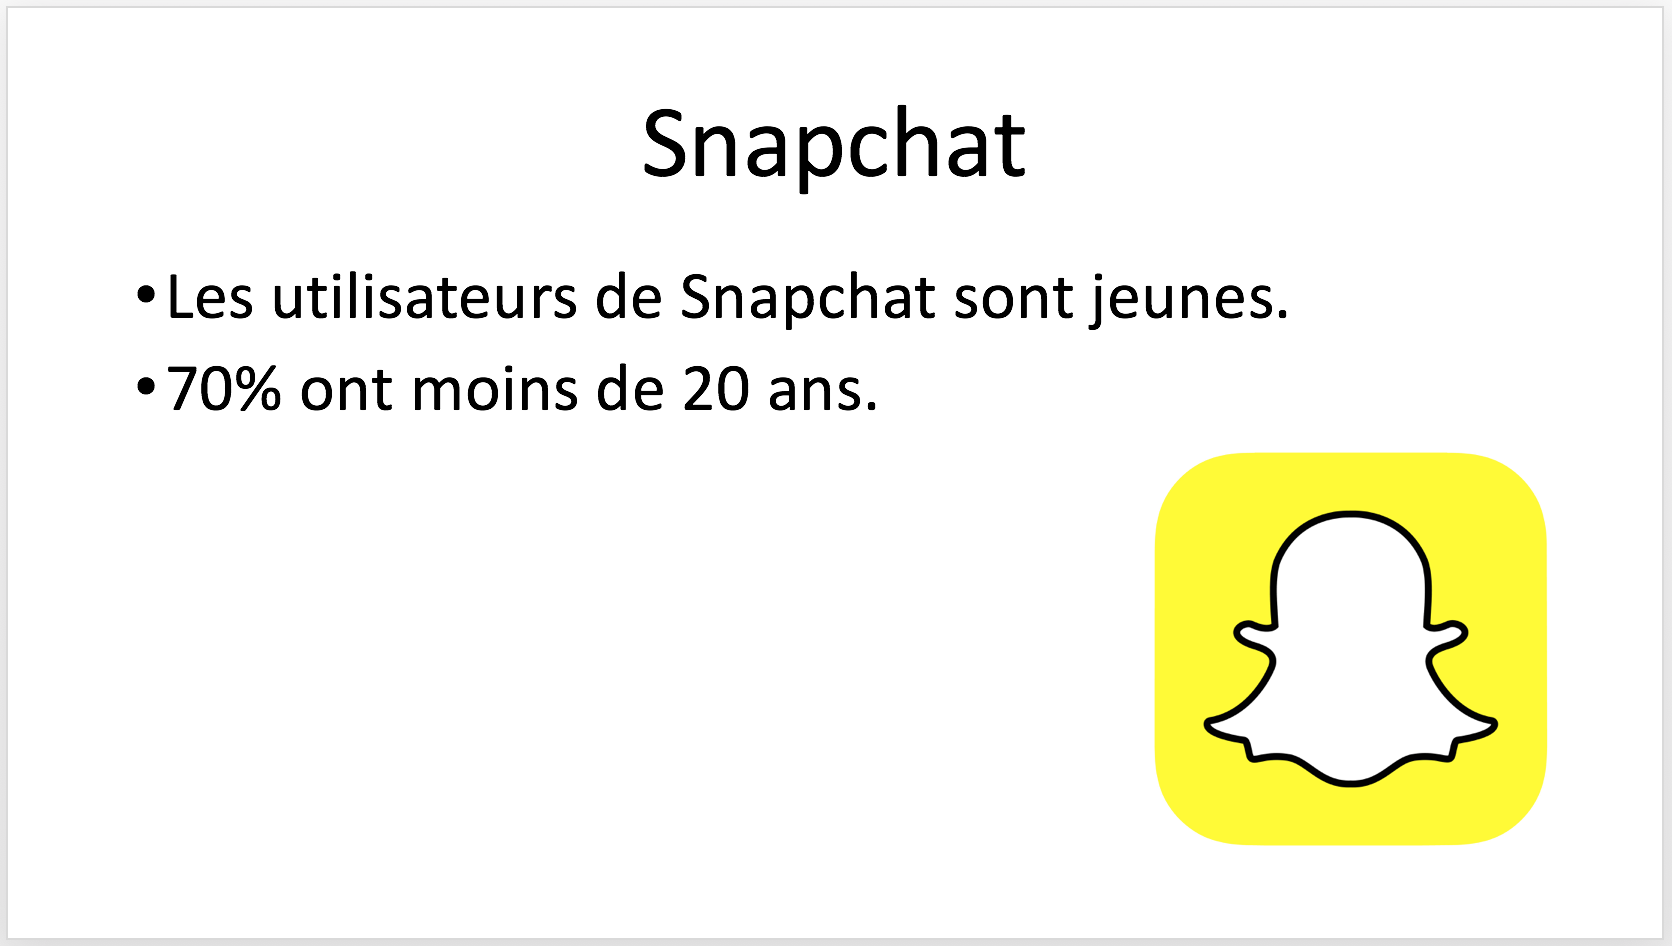 La slide que vous devez raviver. La slide à revoir est en texte simple (Calibri) présenté en liste à puces, énonce une statistique : « 70% des utilisateurs de Snapchat ont moins de 20 ans » et contient le logo de Snapchat.